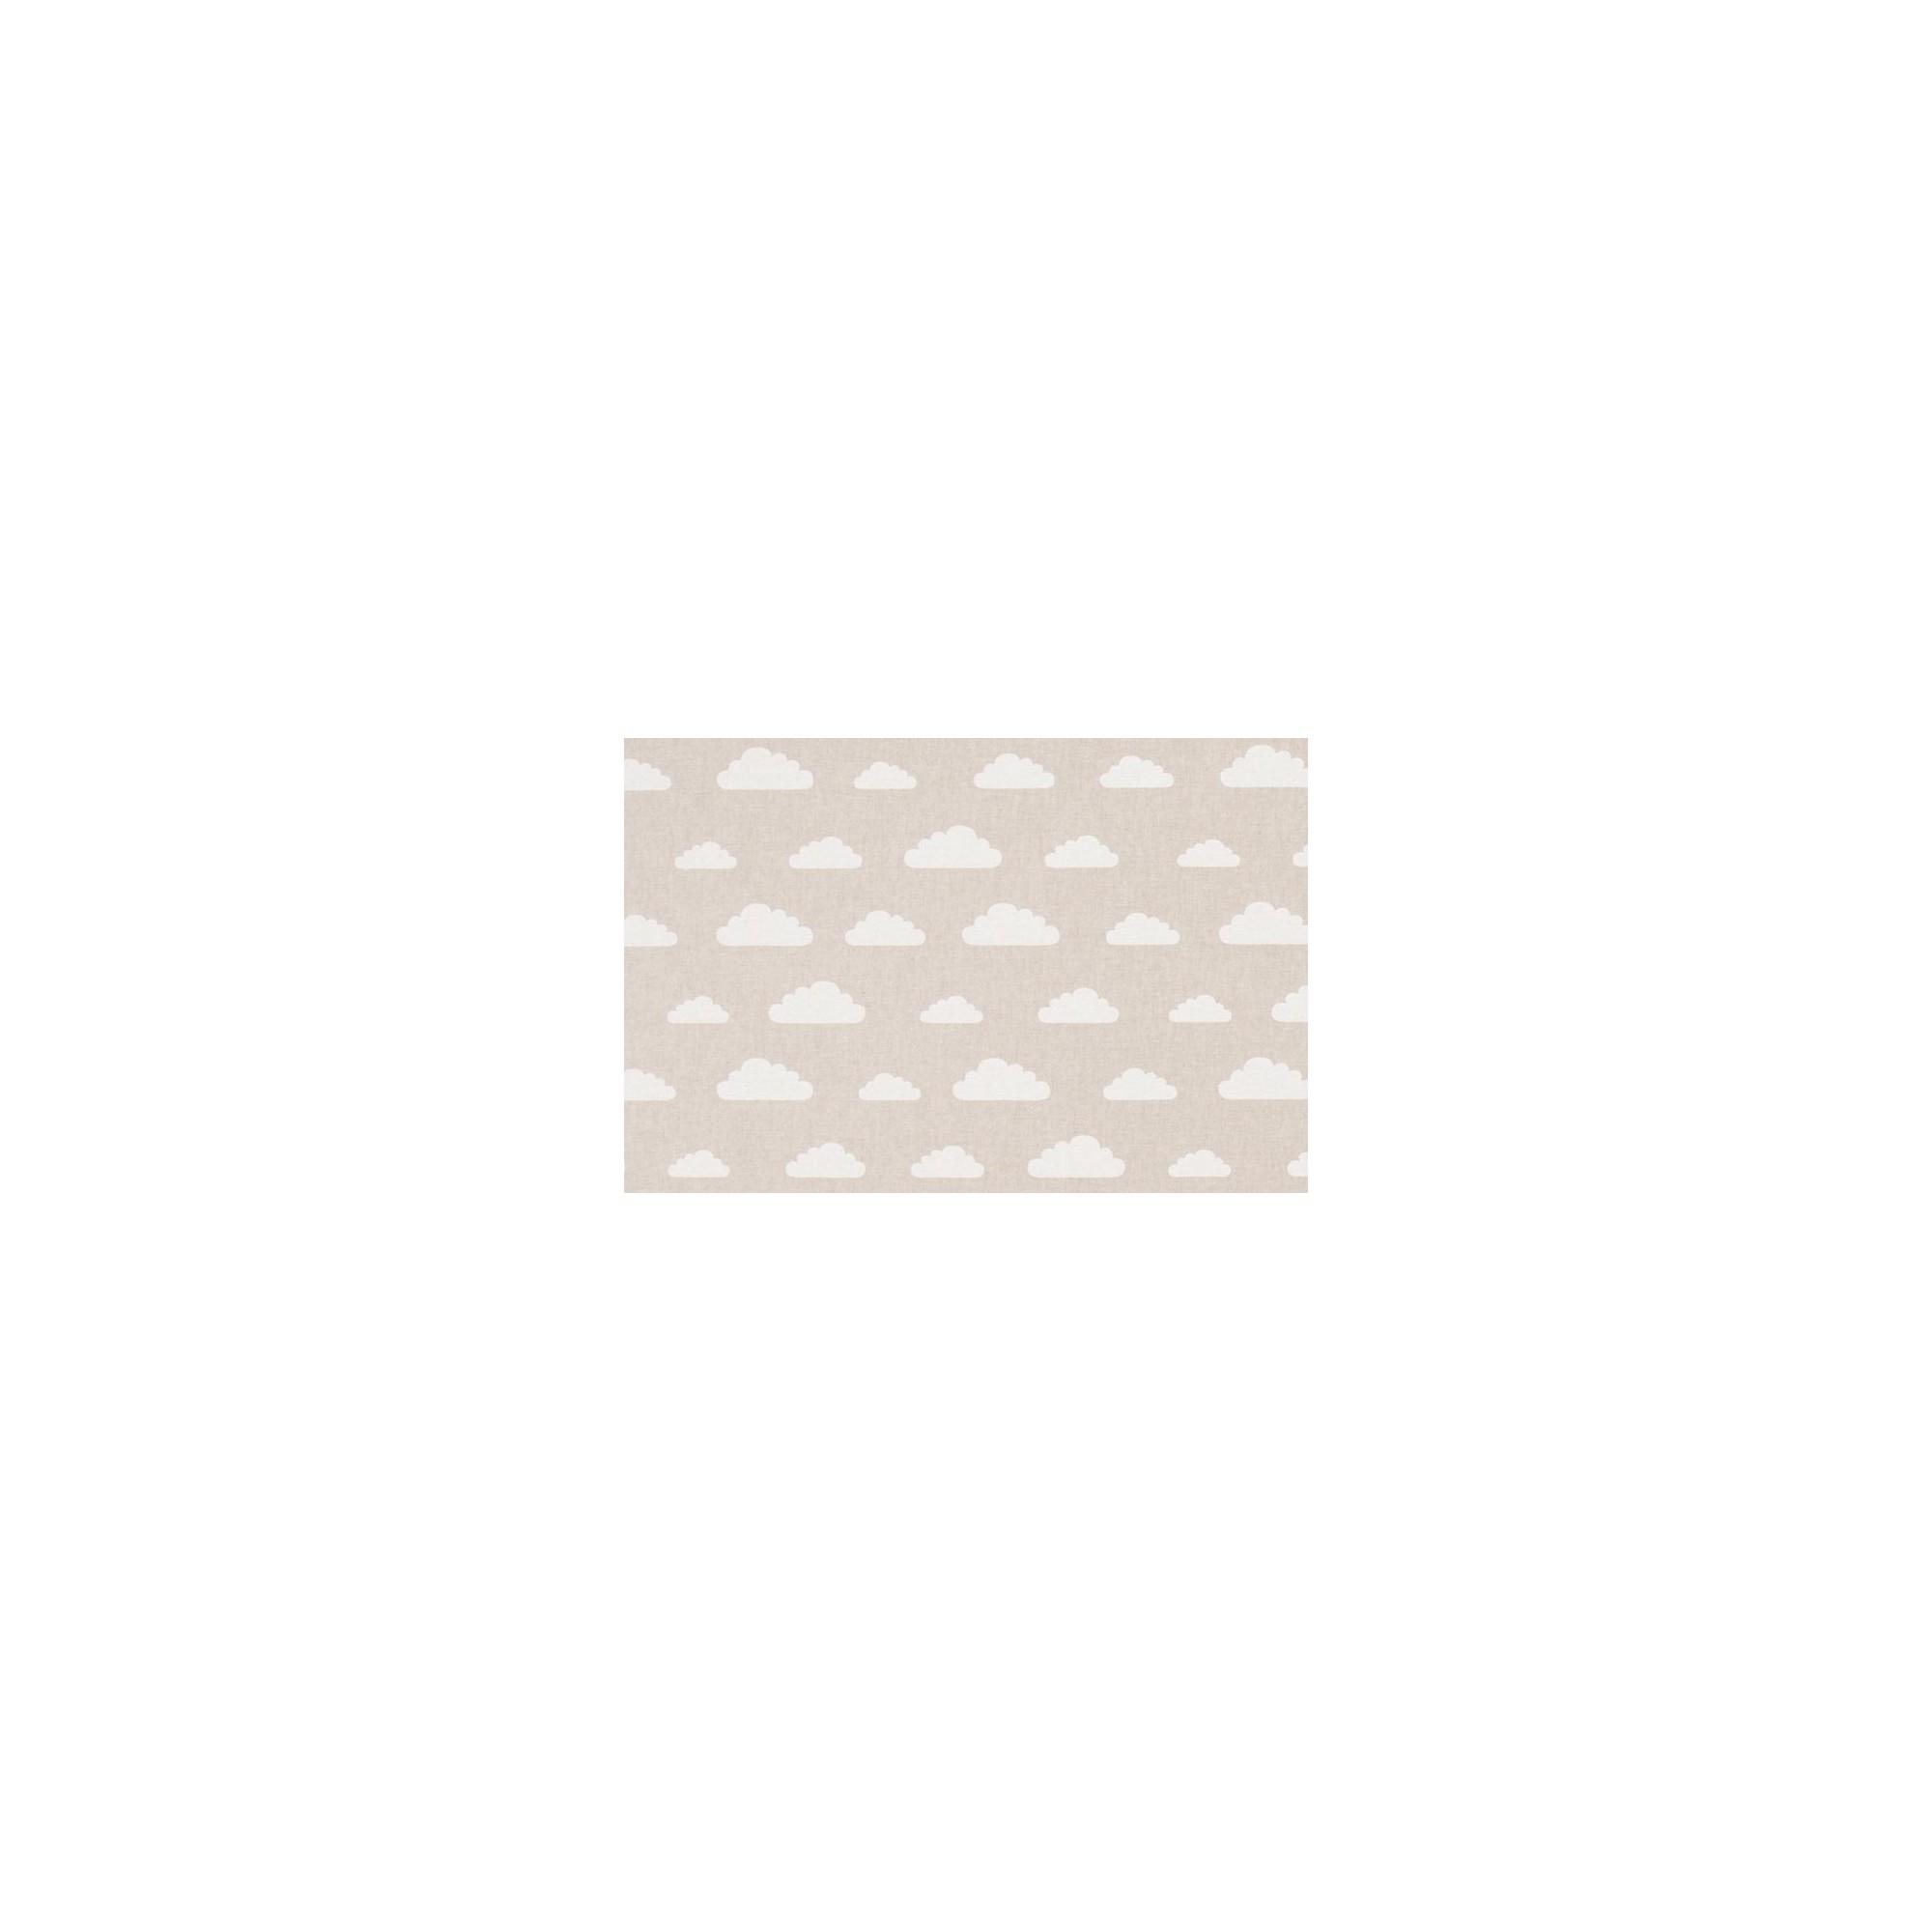 Ύφασμα Σύννεφα - NT-308191